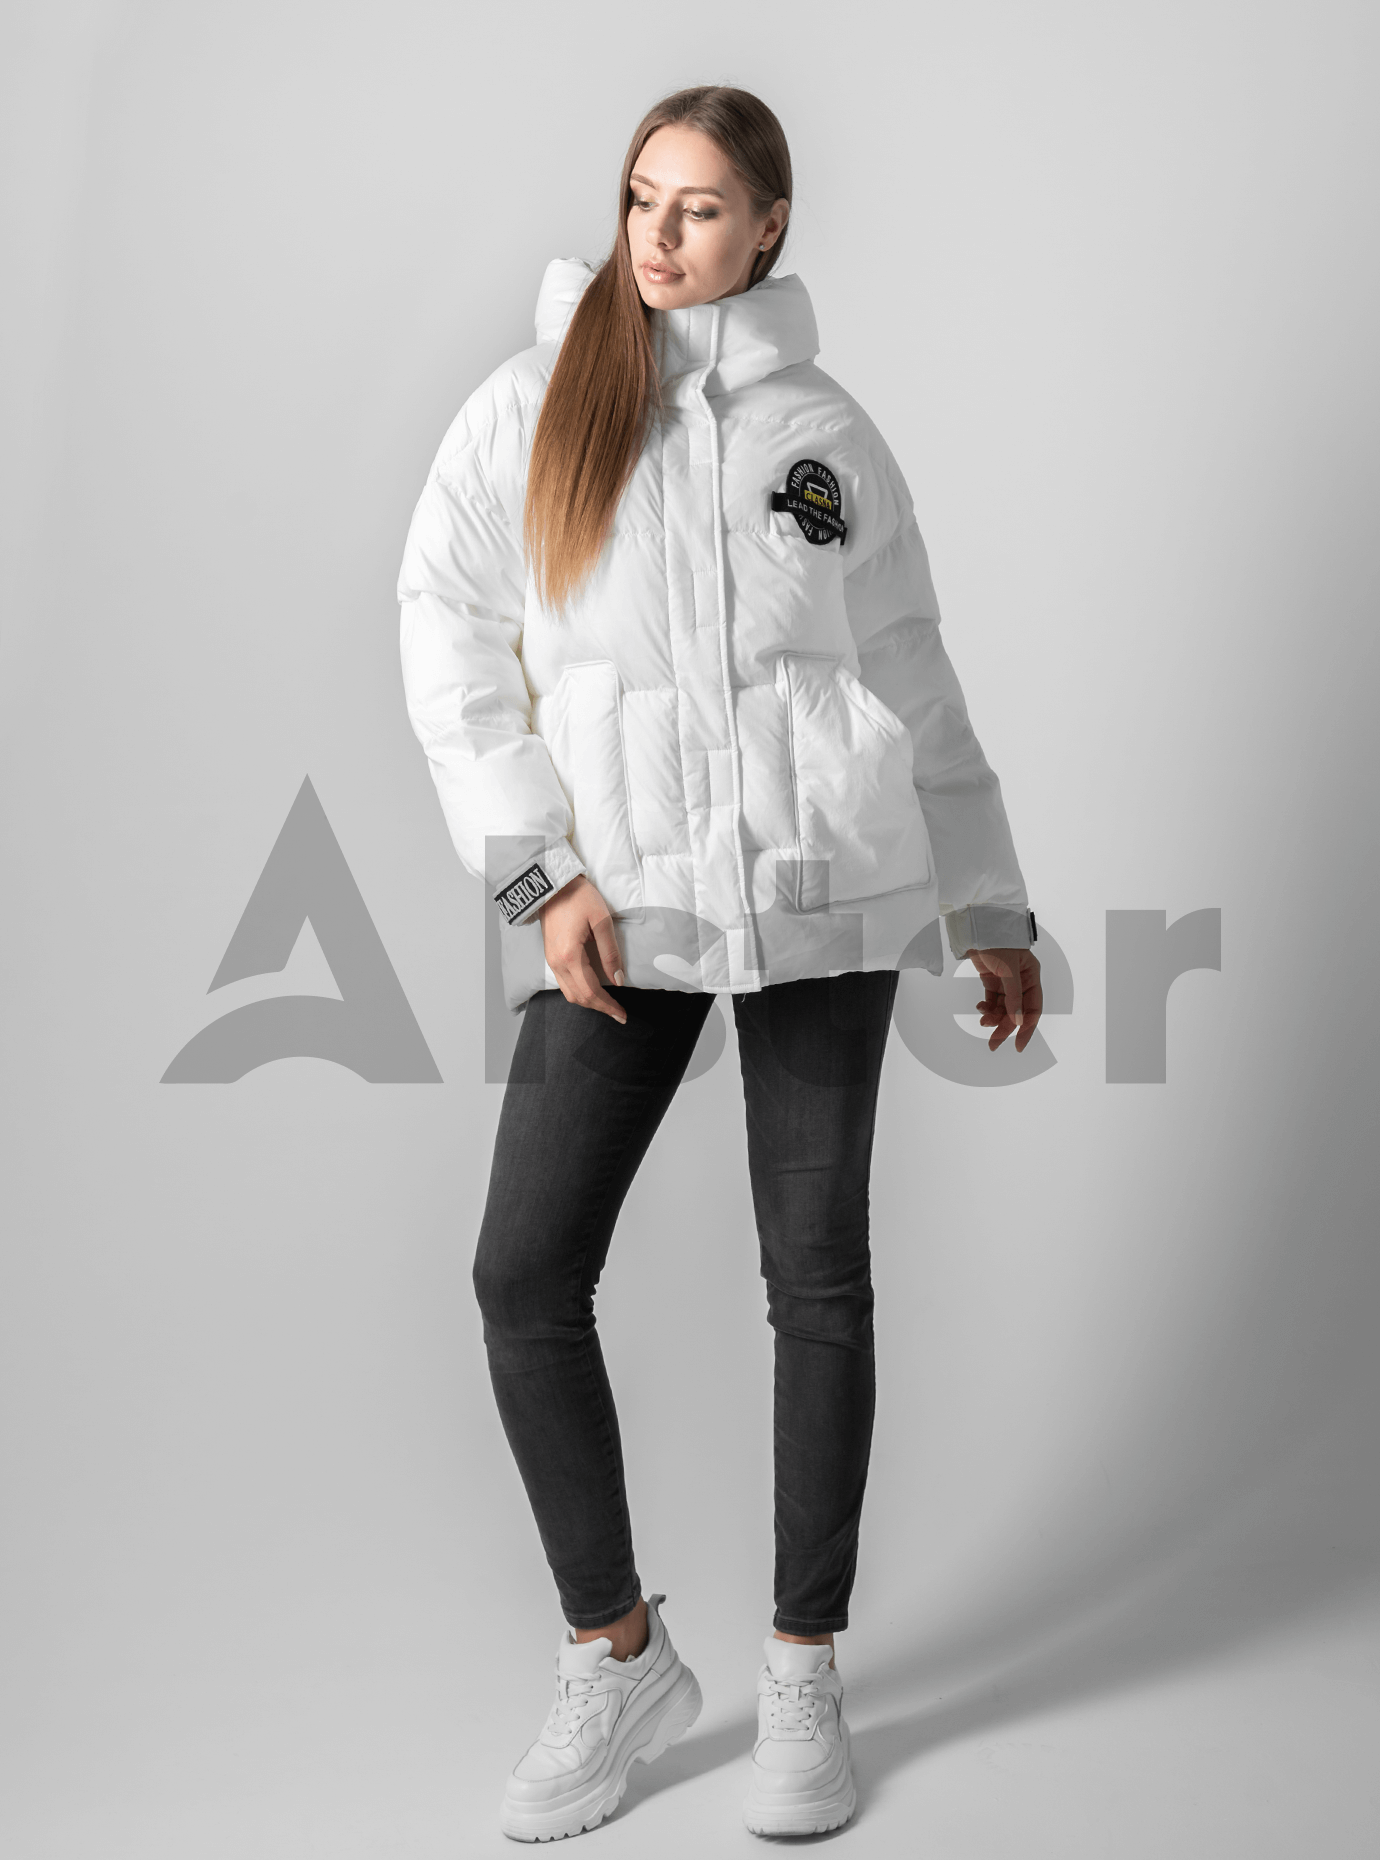 Куртка женская зимняя с наполнителем Белый M (02-4577): фото - Alster.ua